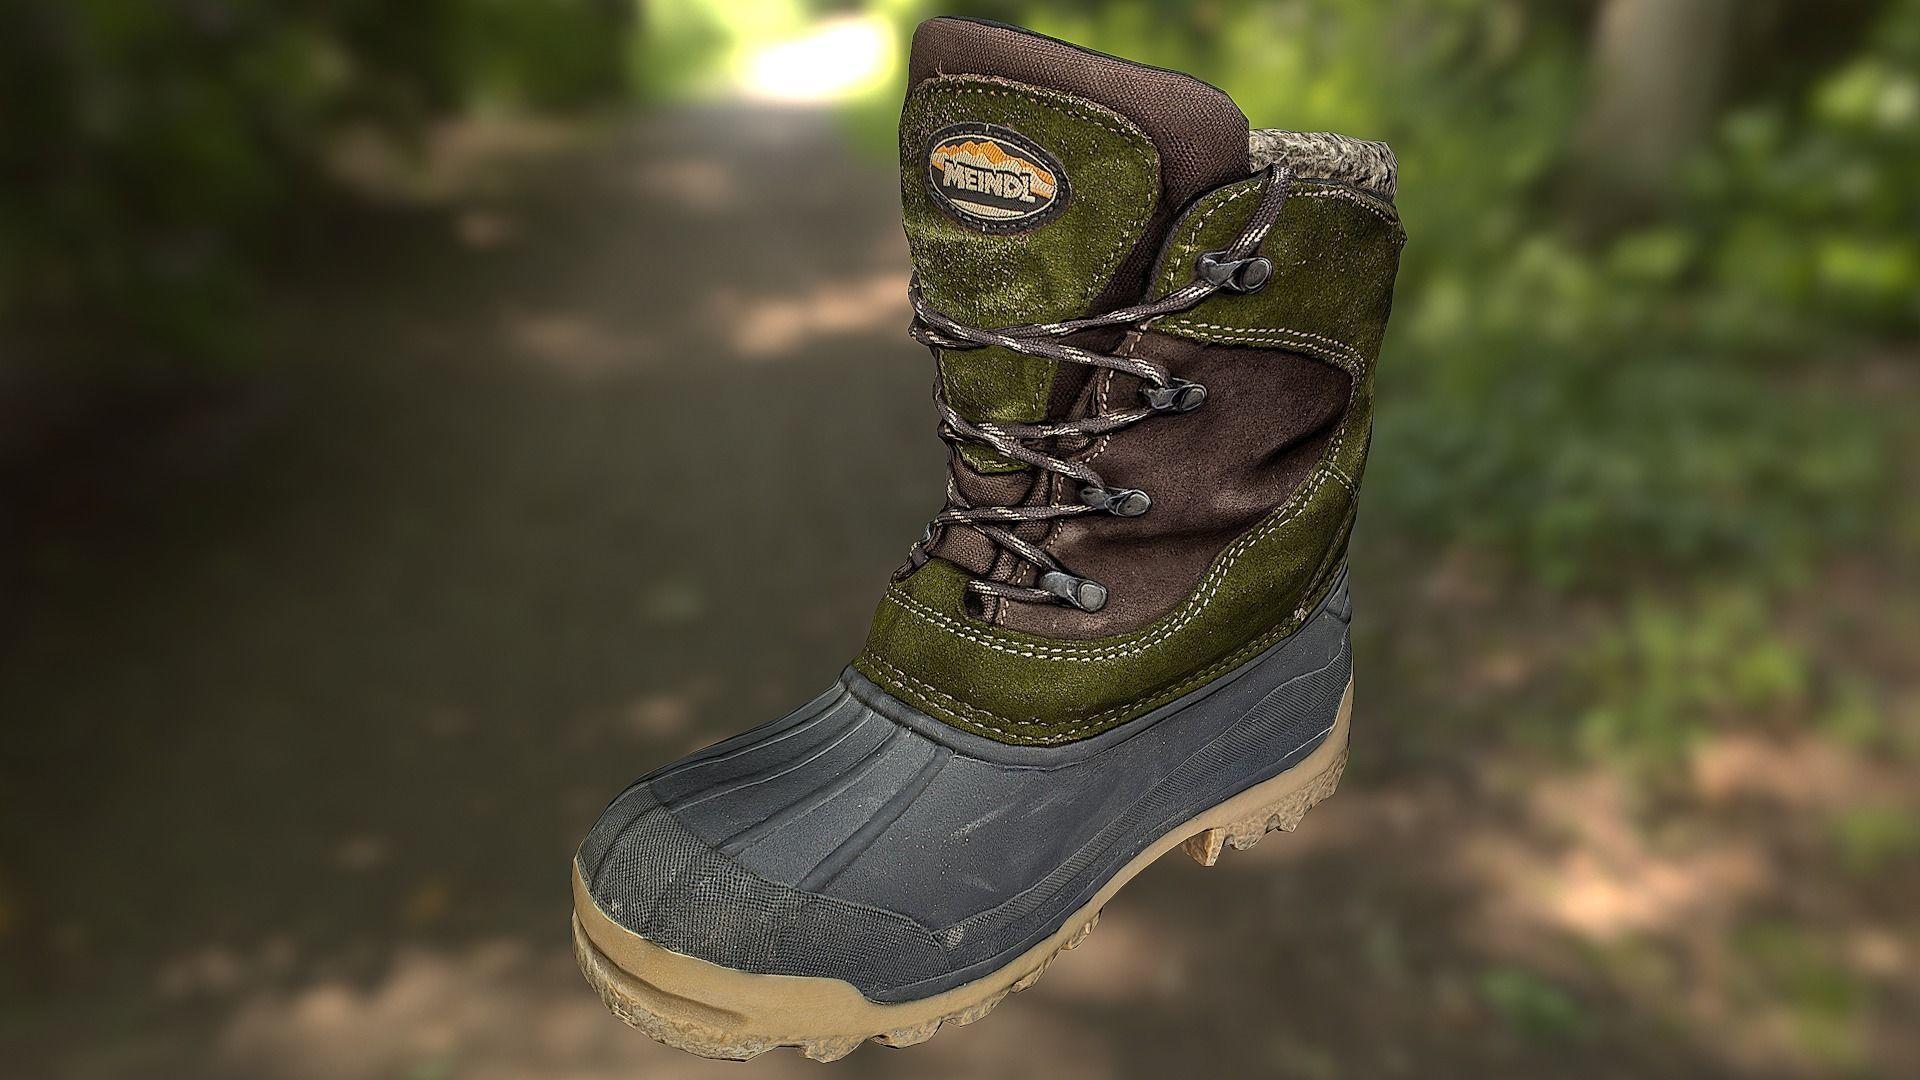 Boot shoe 3D model low poly footwear